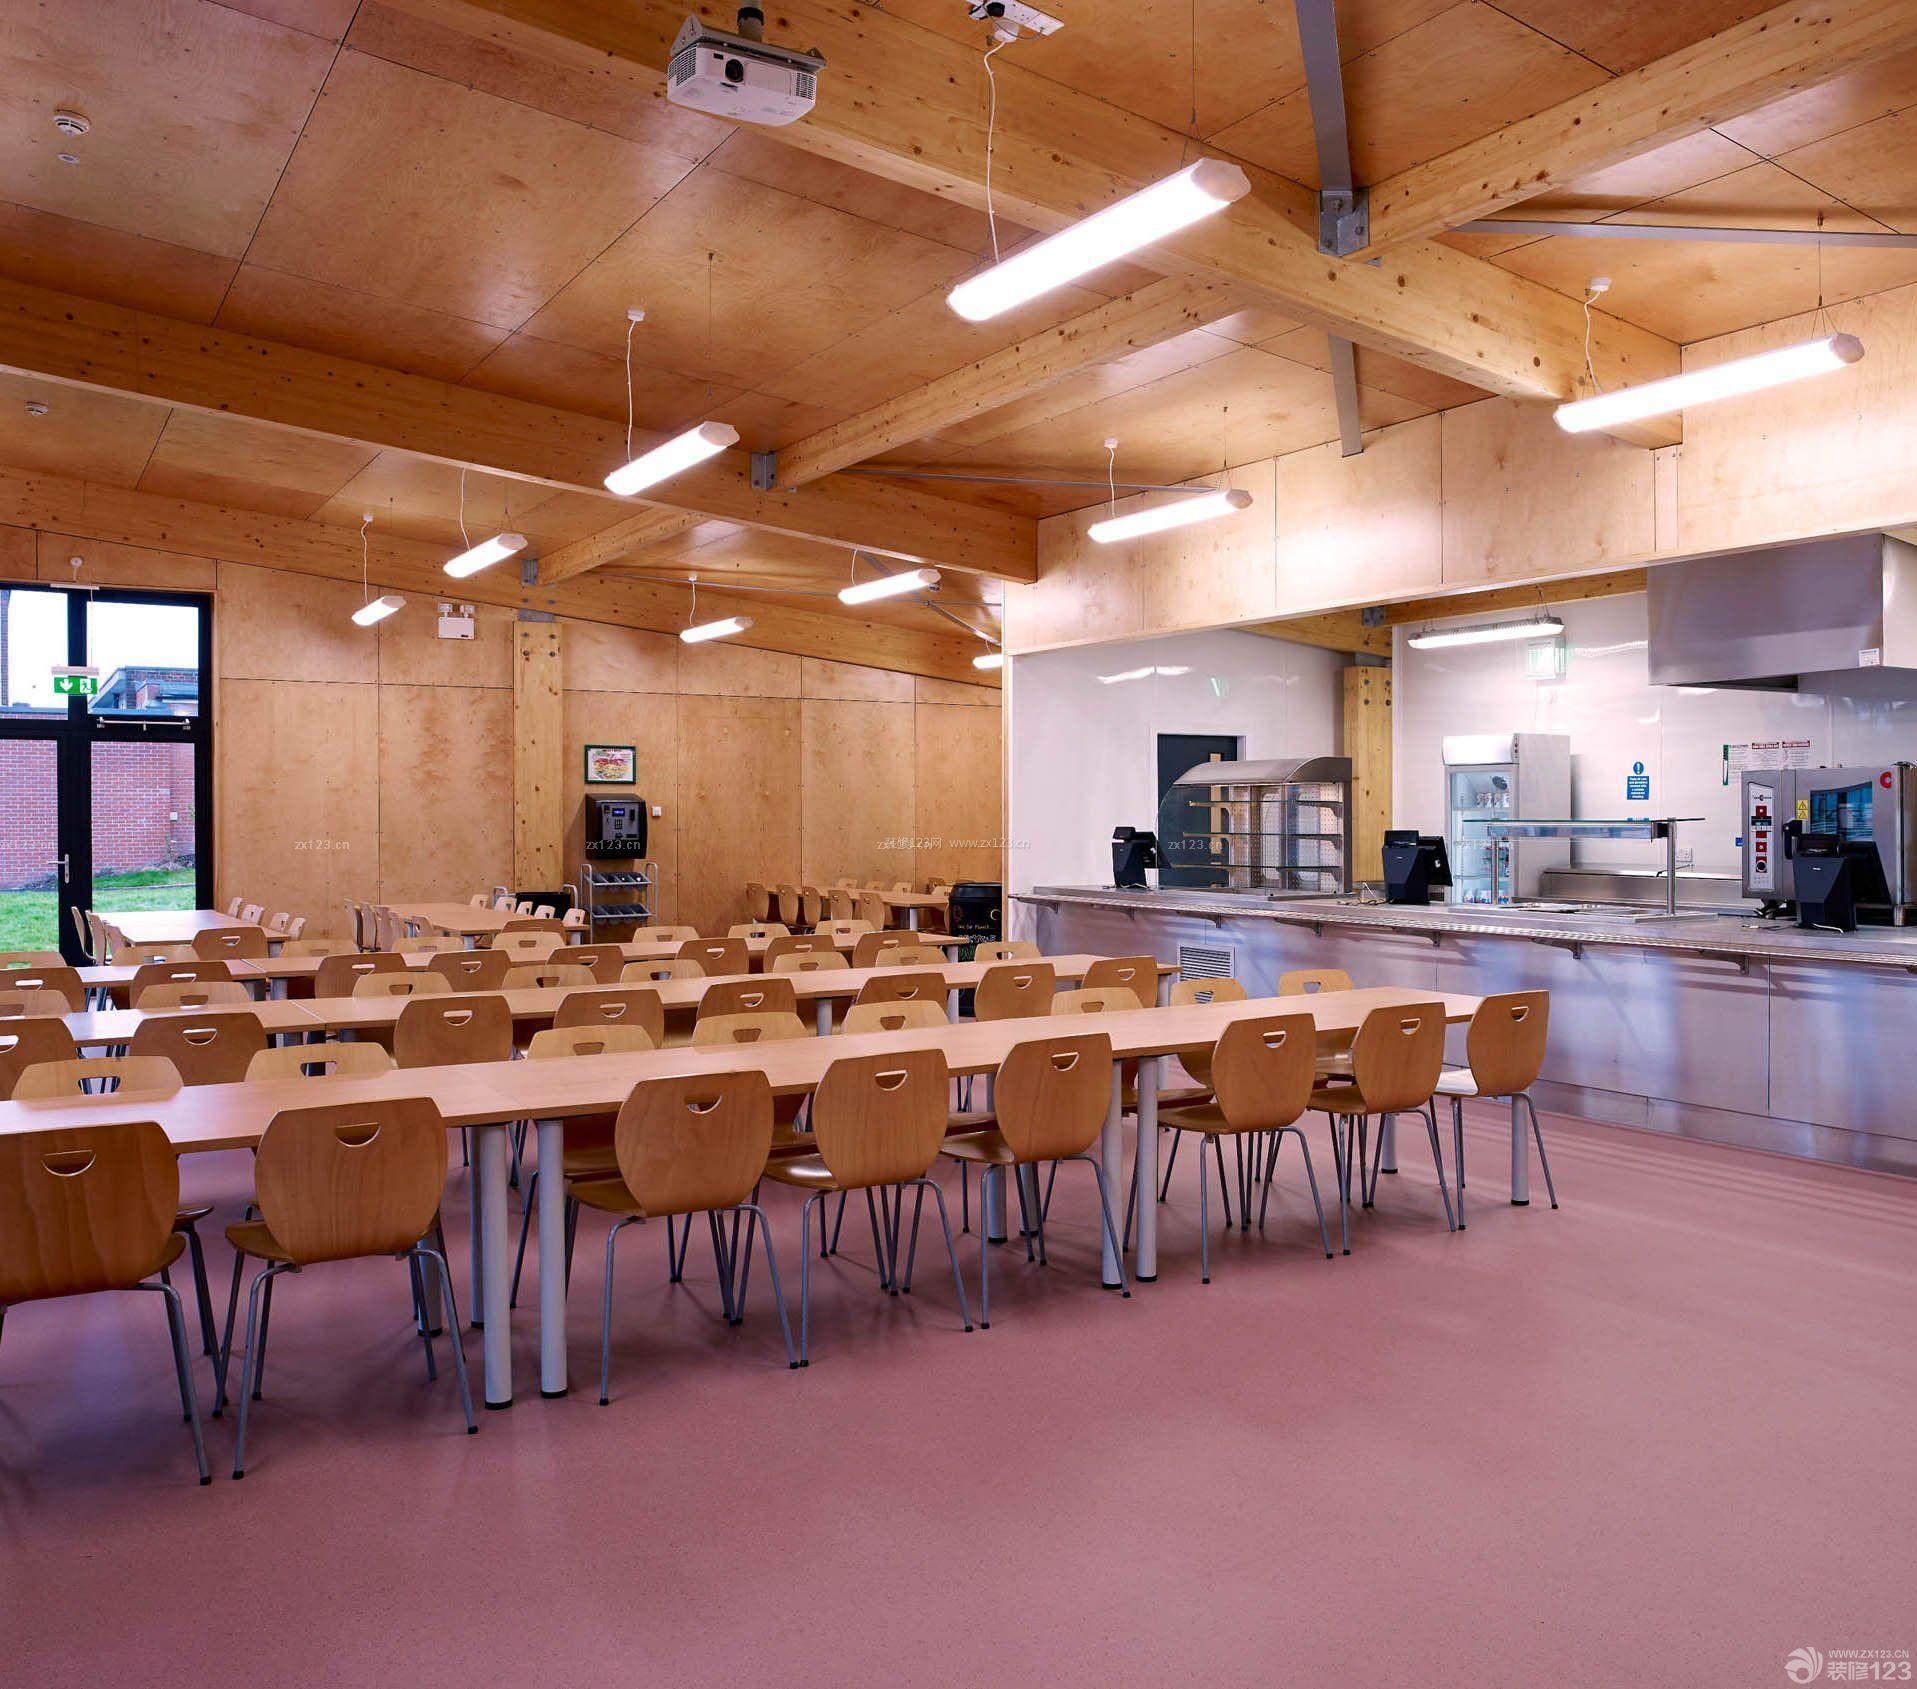 学校食堂木质吊顶装修效果图片